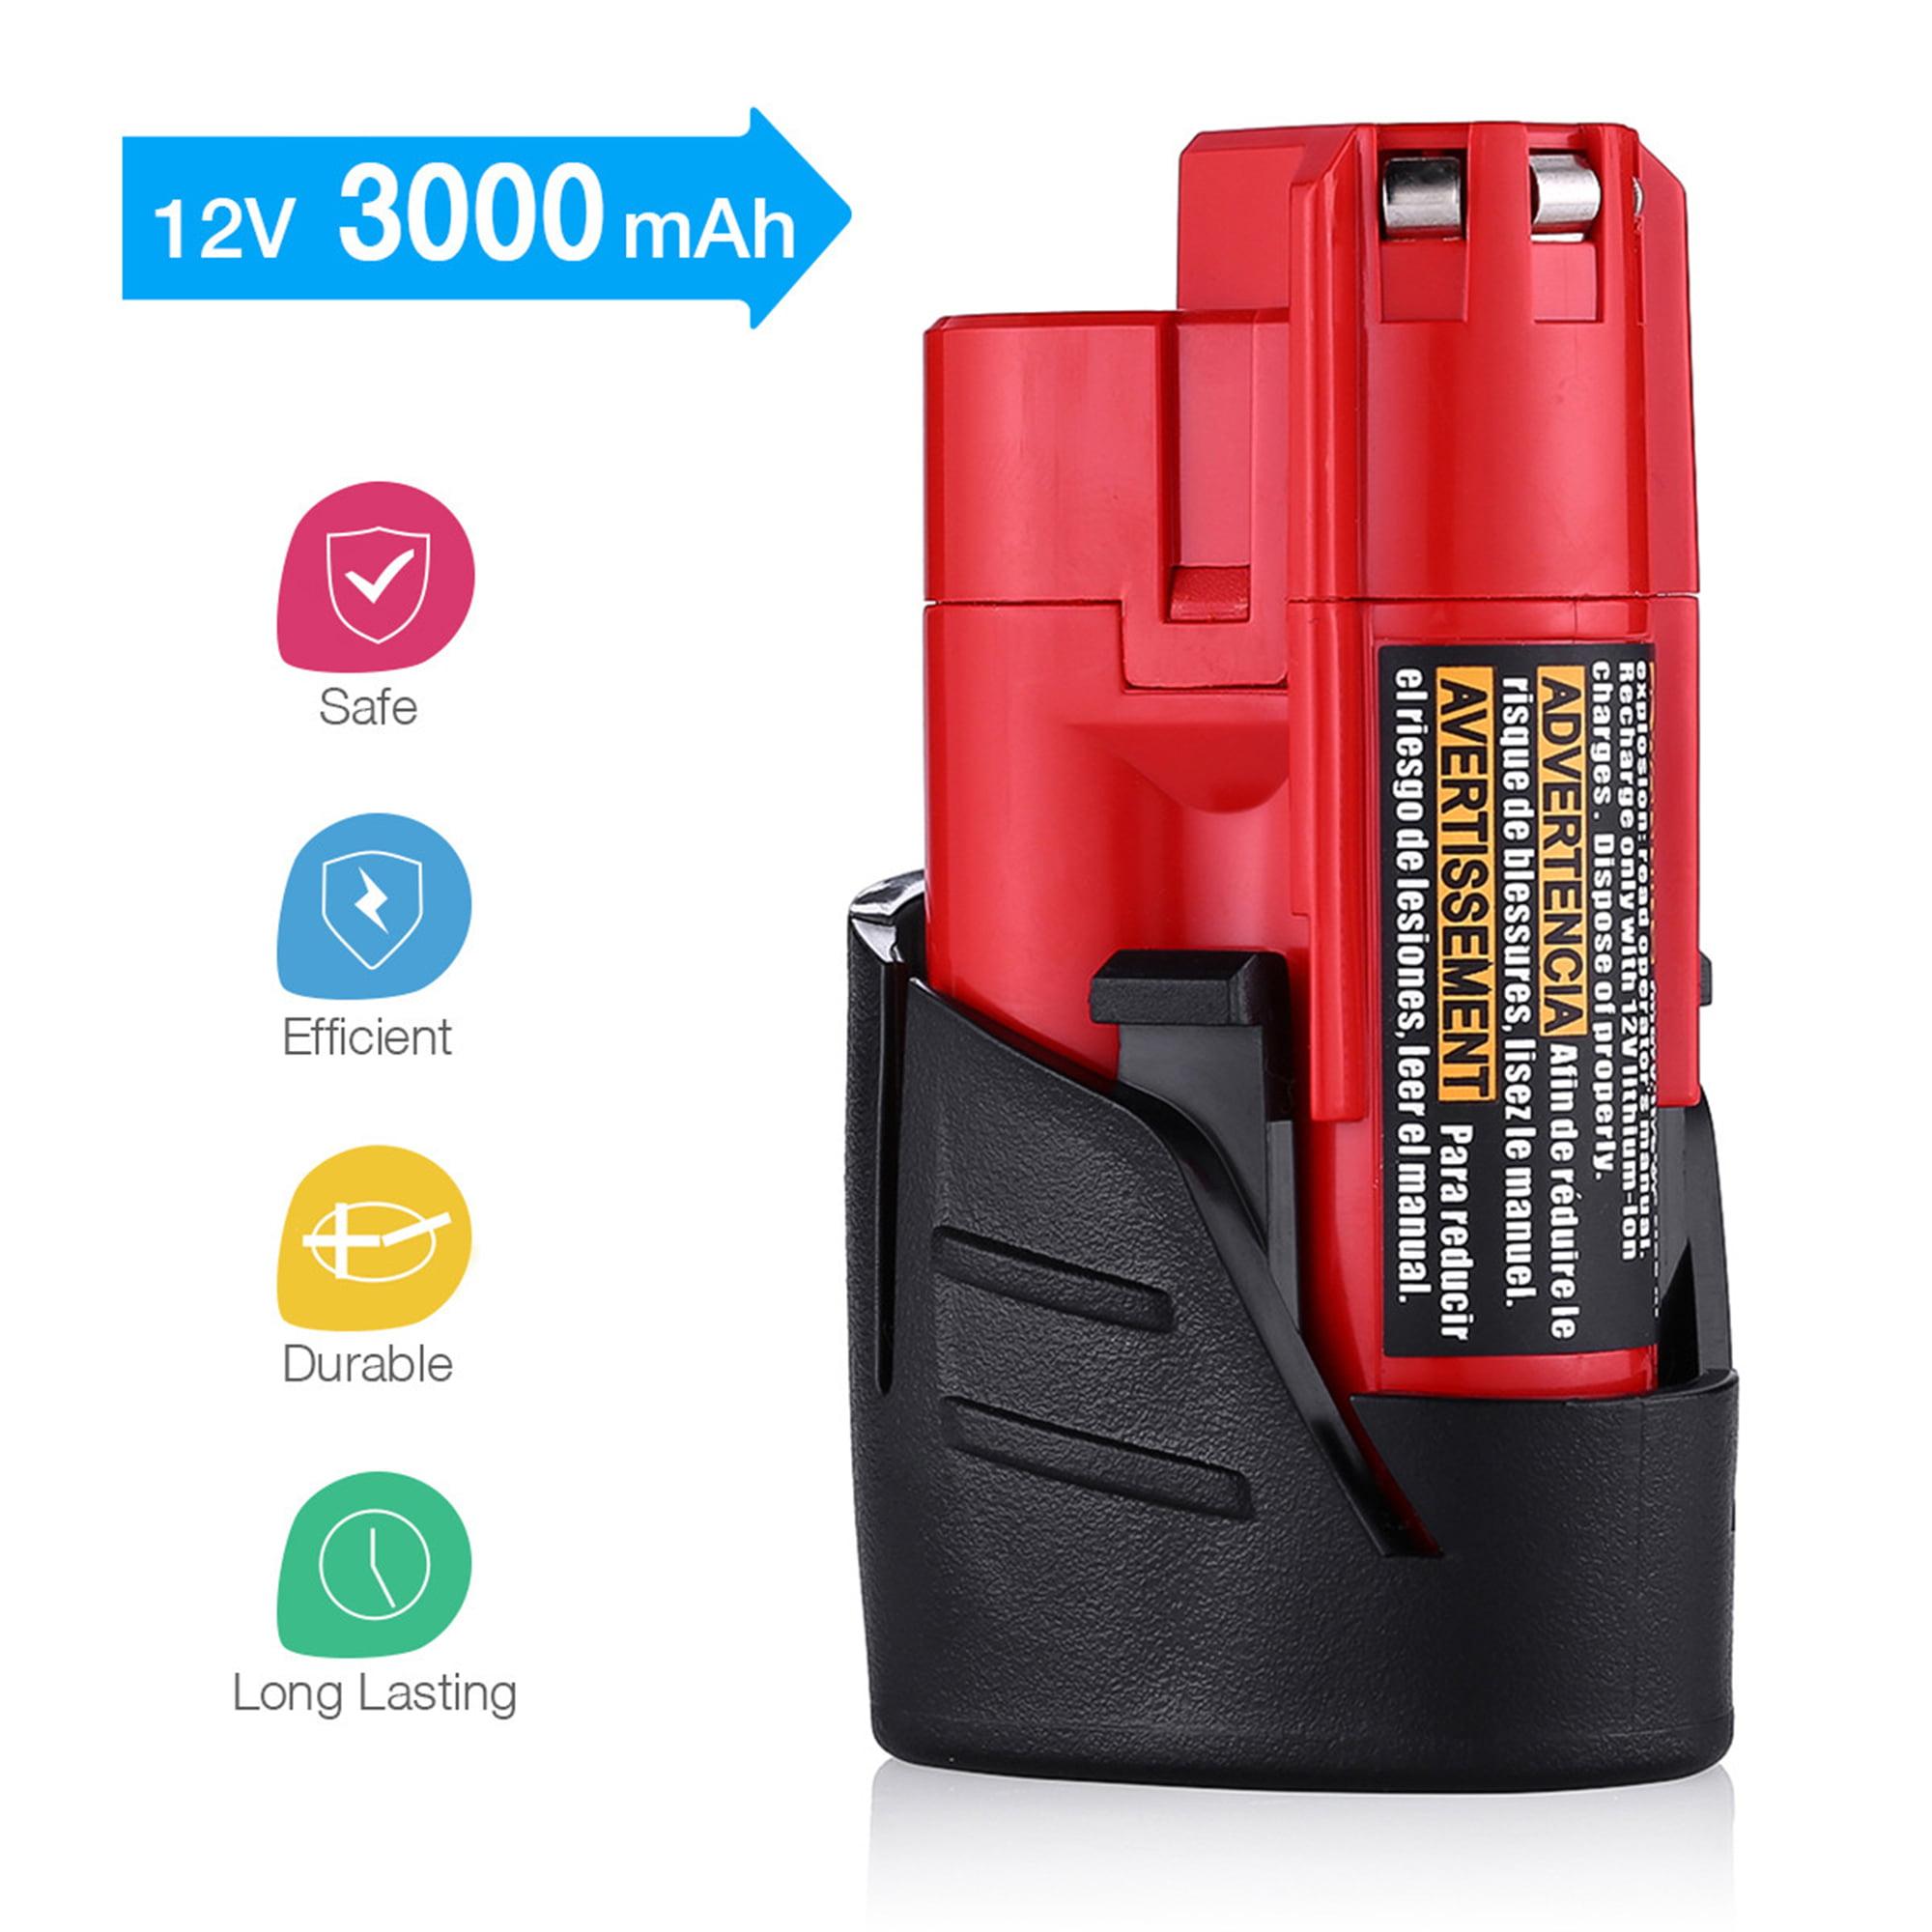 2X Power Tool Battery For Milwaukee M12 12V 2000mAh 48-11-2401 12 Volt